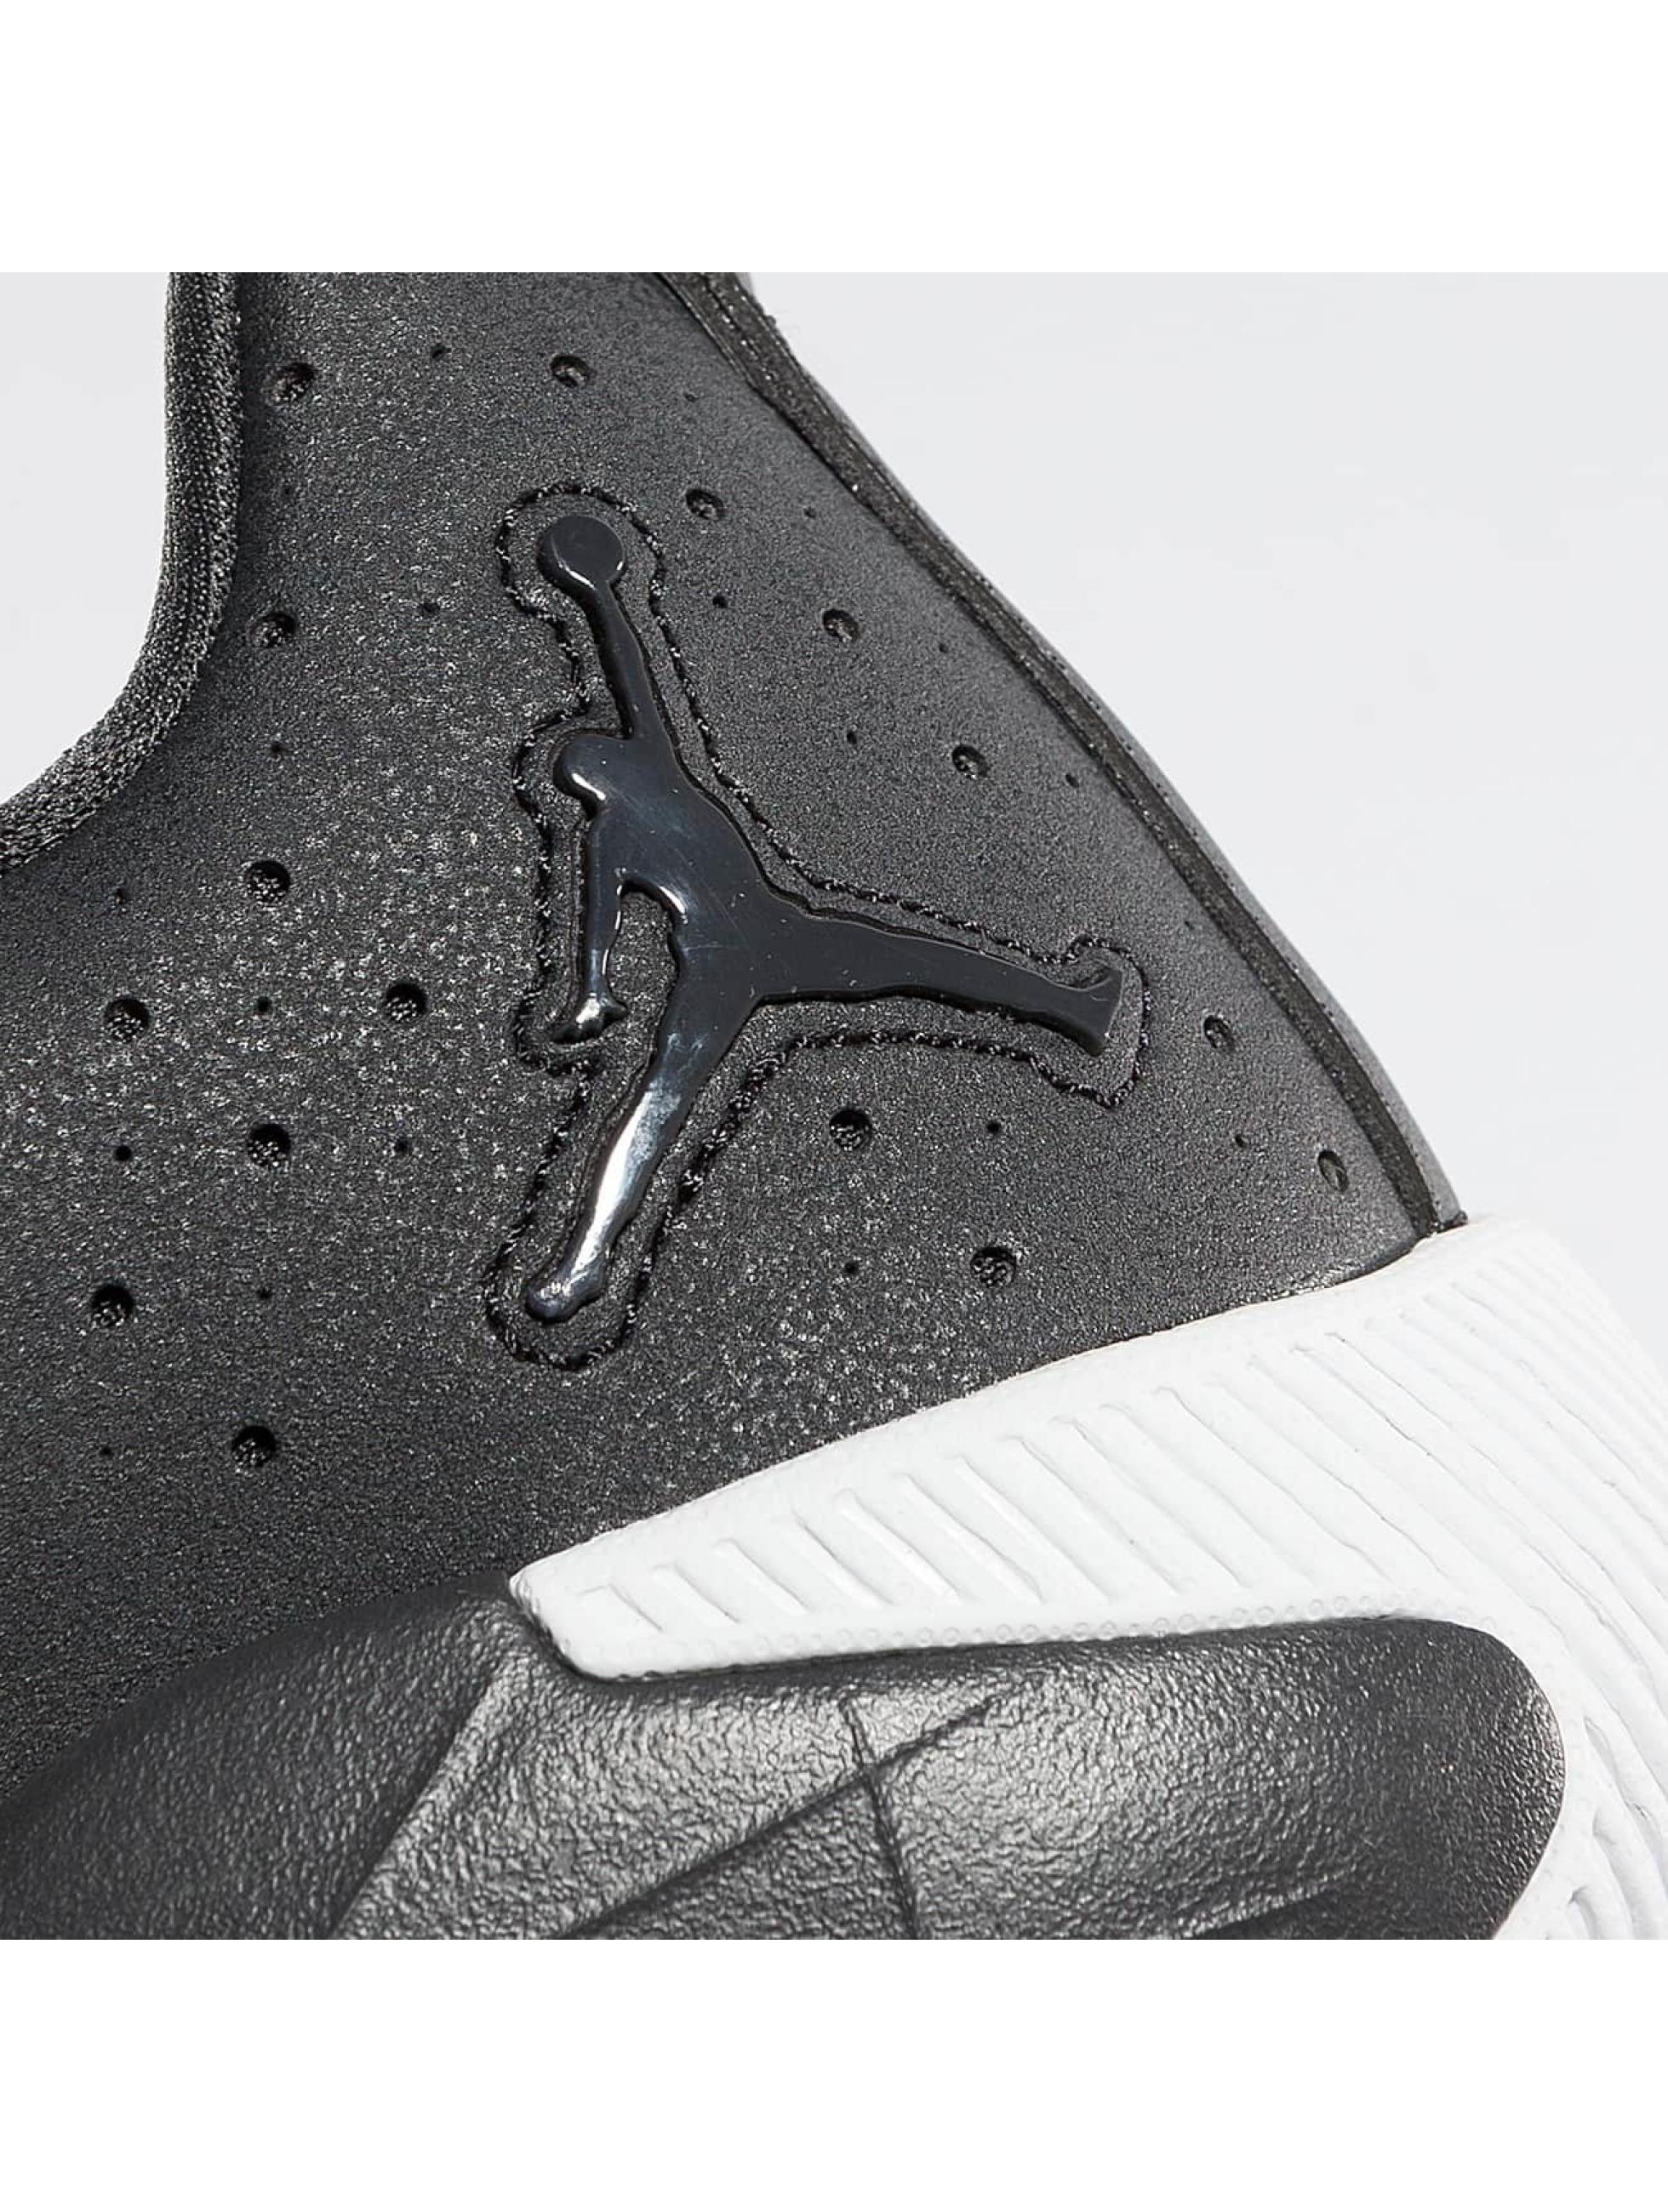 Jordan Sneakers Breakout grey